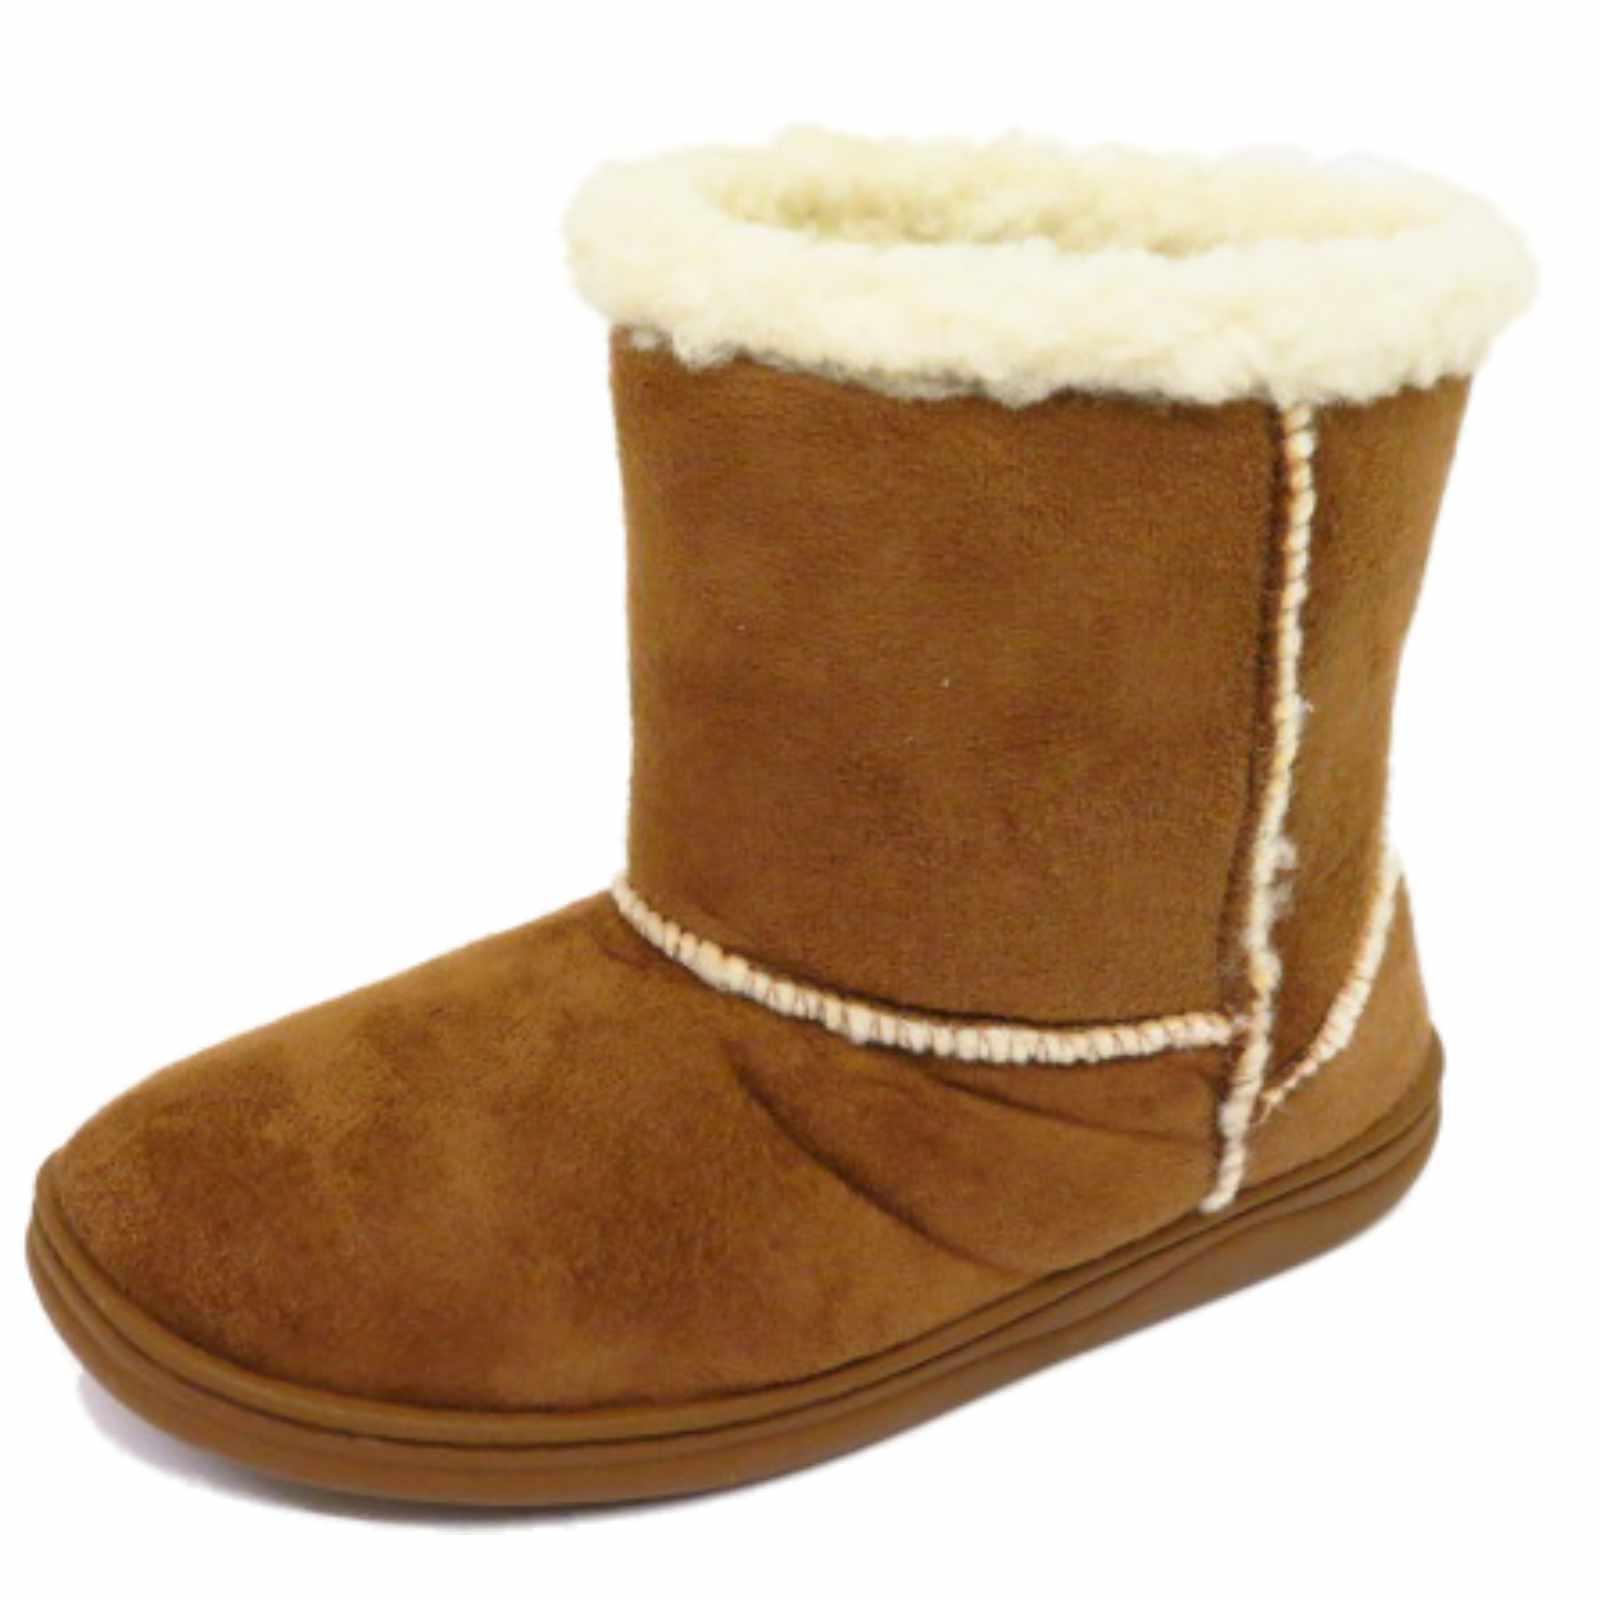 Childrens niñas tan Snugg Caliente De Invierno Botas Planas Tirar-en piel Zapatos de niños 10-2